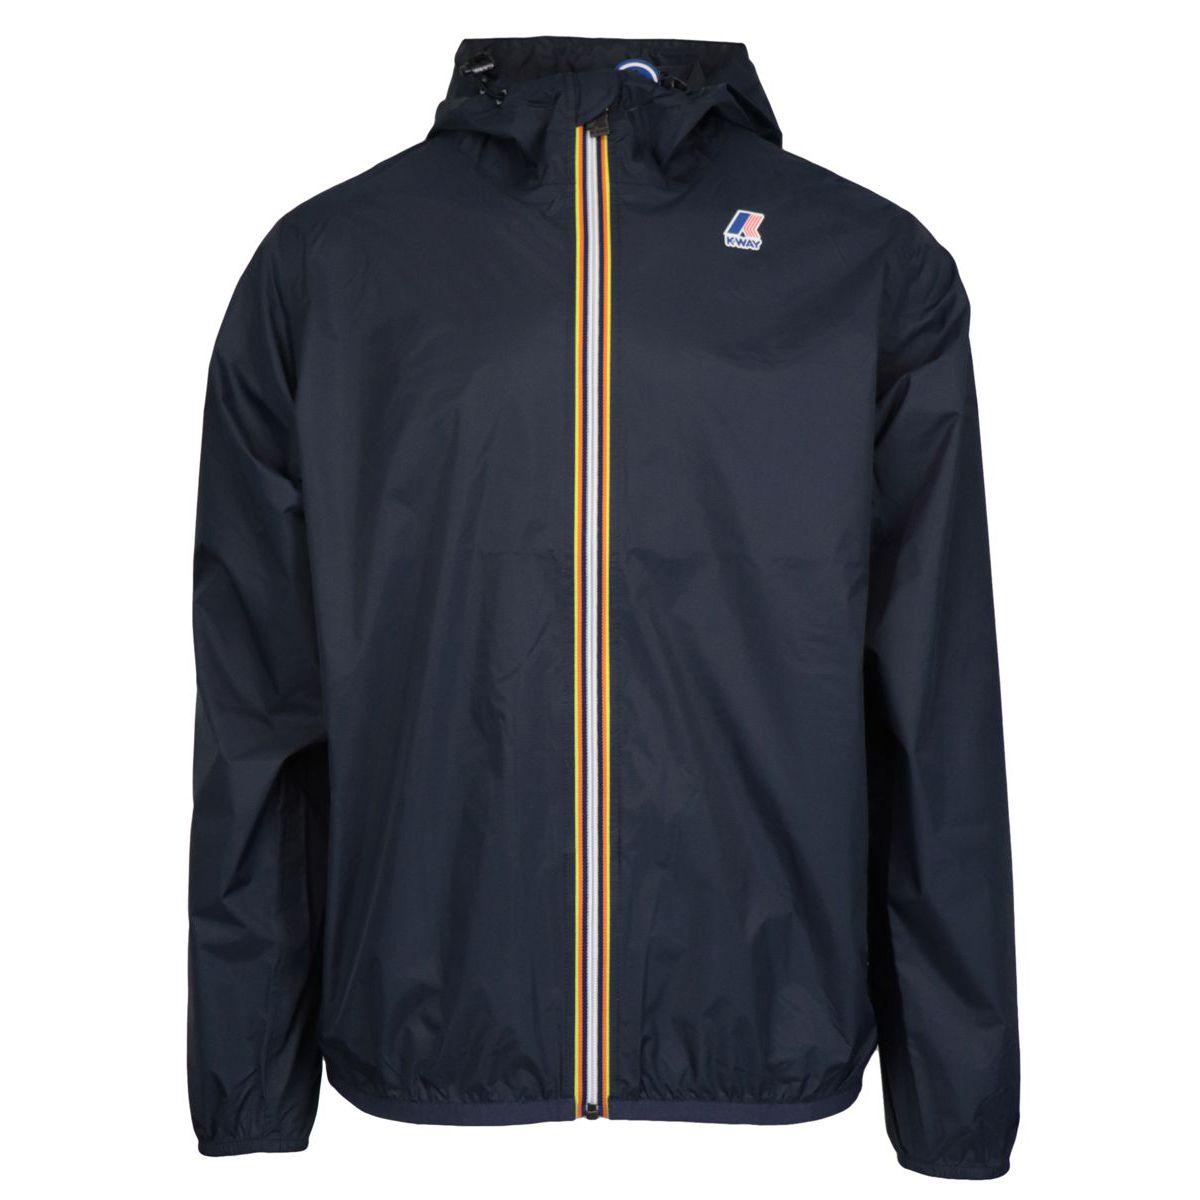 LE VRAI 3.0 CLAUDE jacket in Ripstop nylon Night blue K-Way